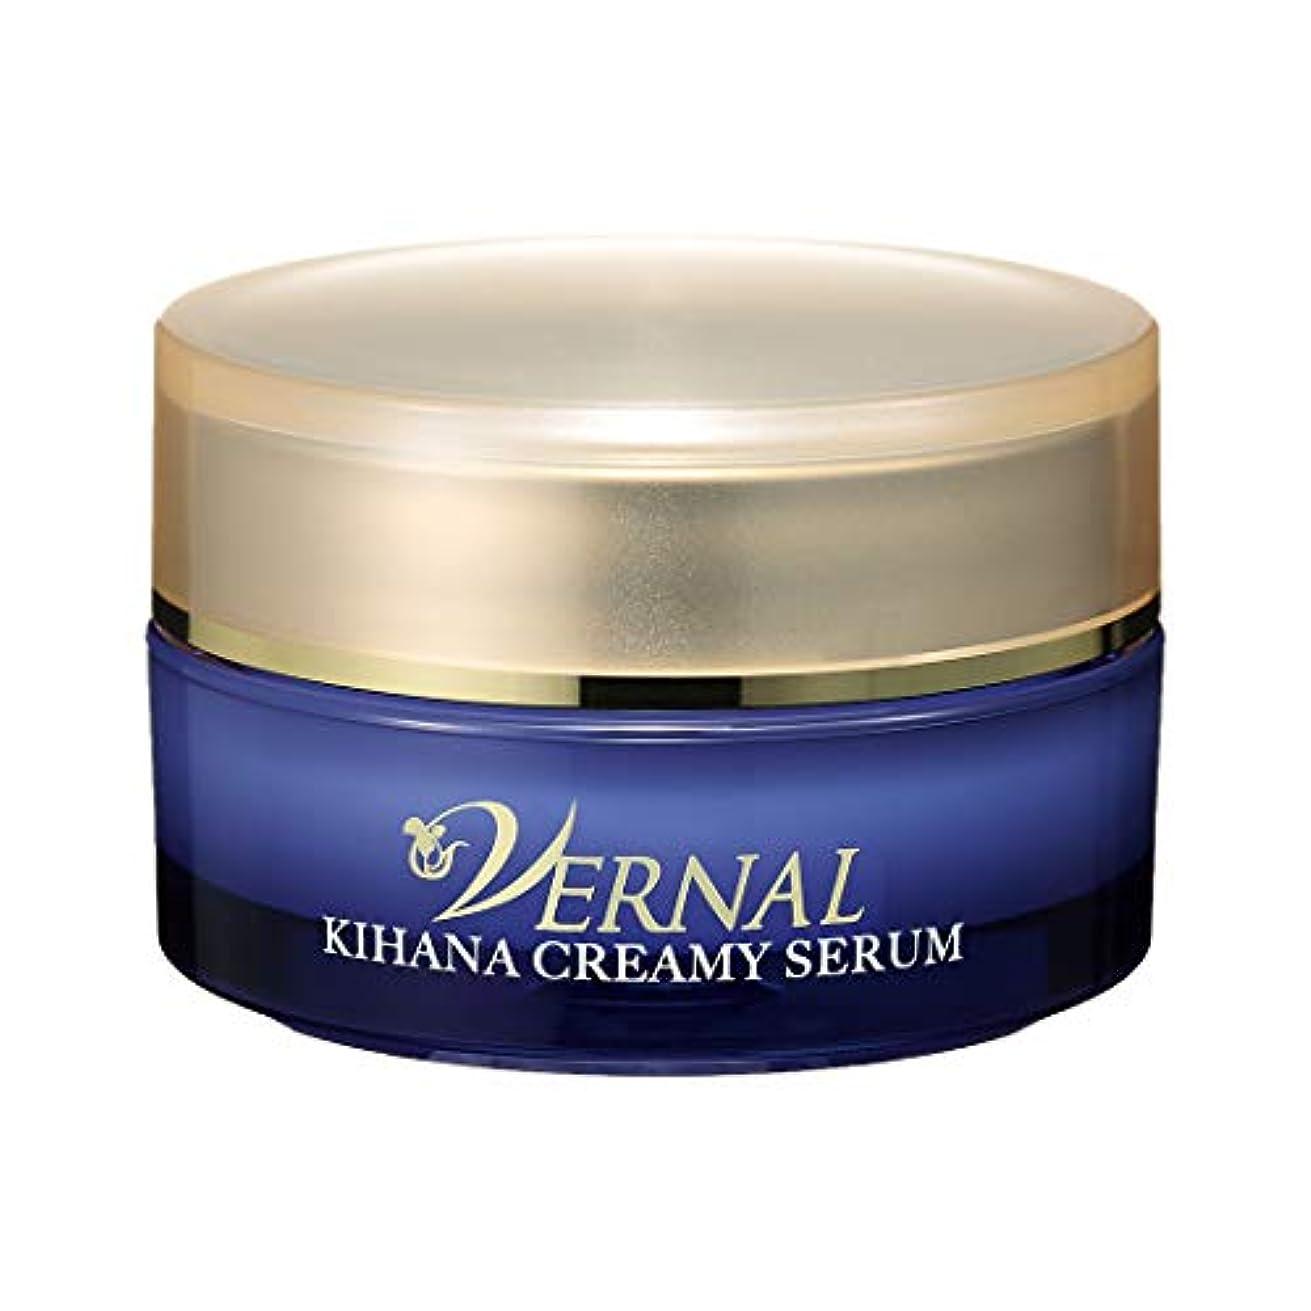 疑わしい人質アッパーキハナクリーミーセラム 30g/ヴァーナル 美容液 美容クリーム